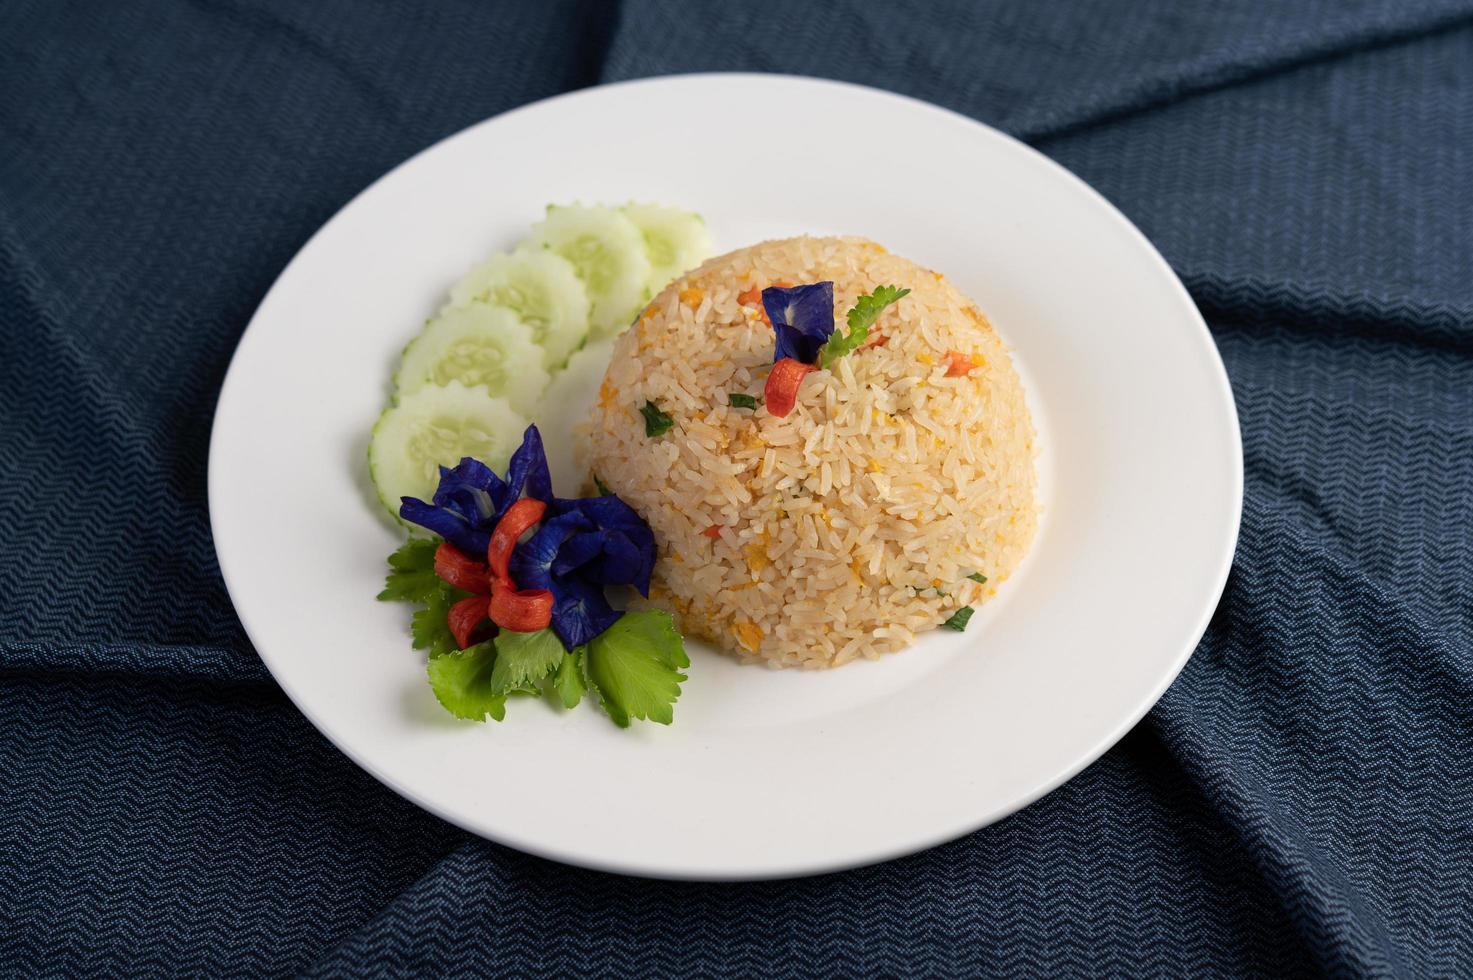 ovo frito arroz em um prato branco com tecido enrugado foto